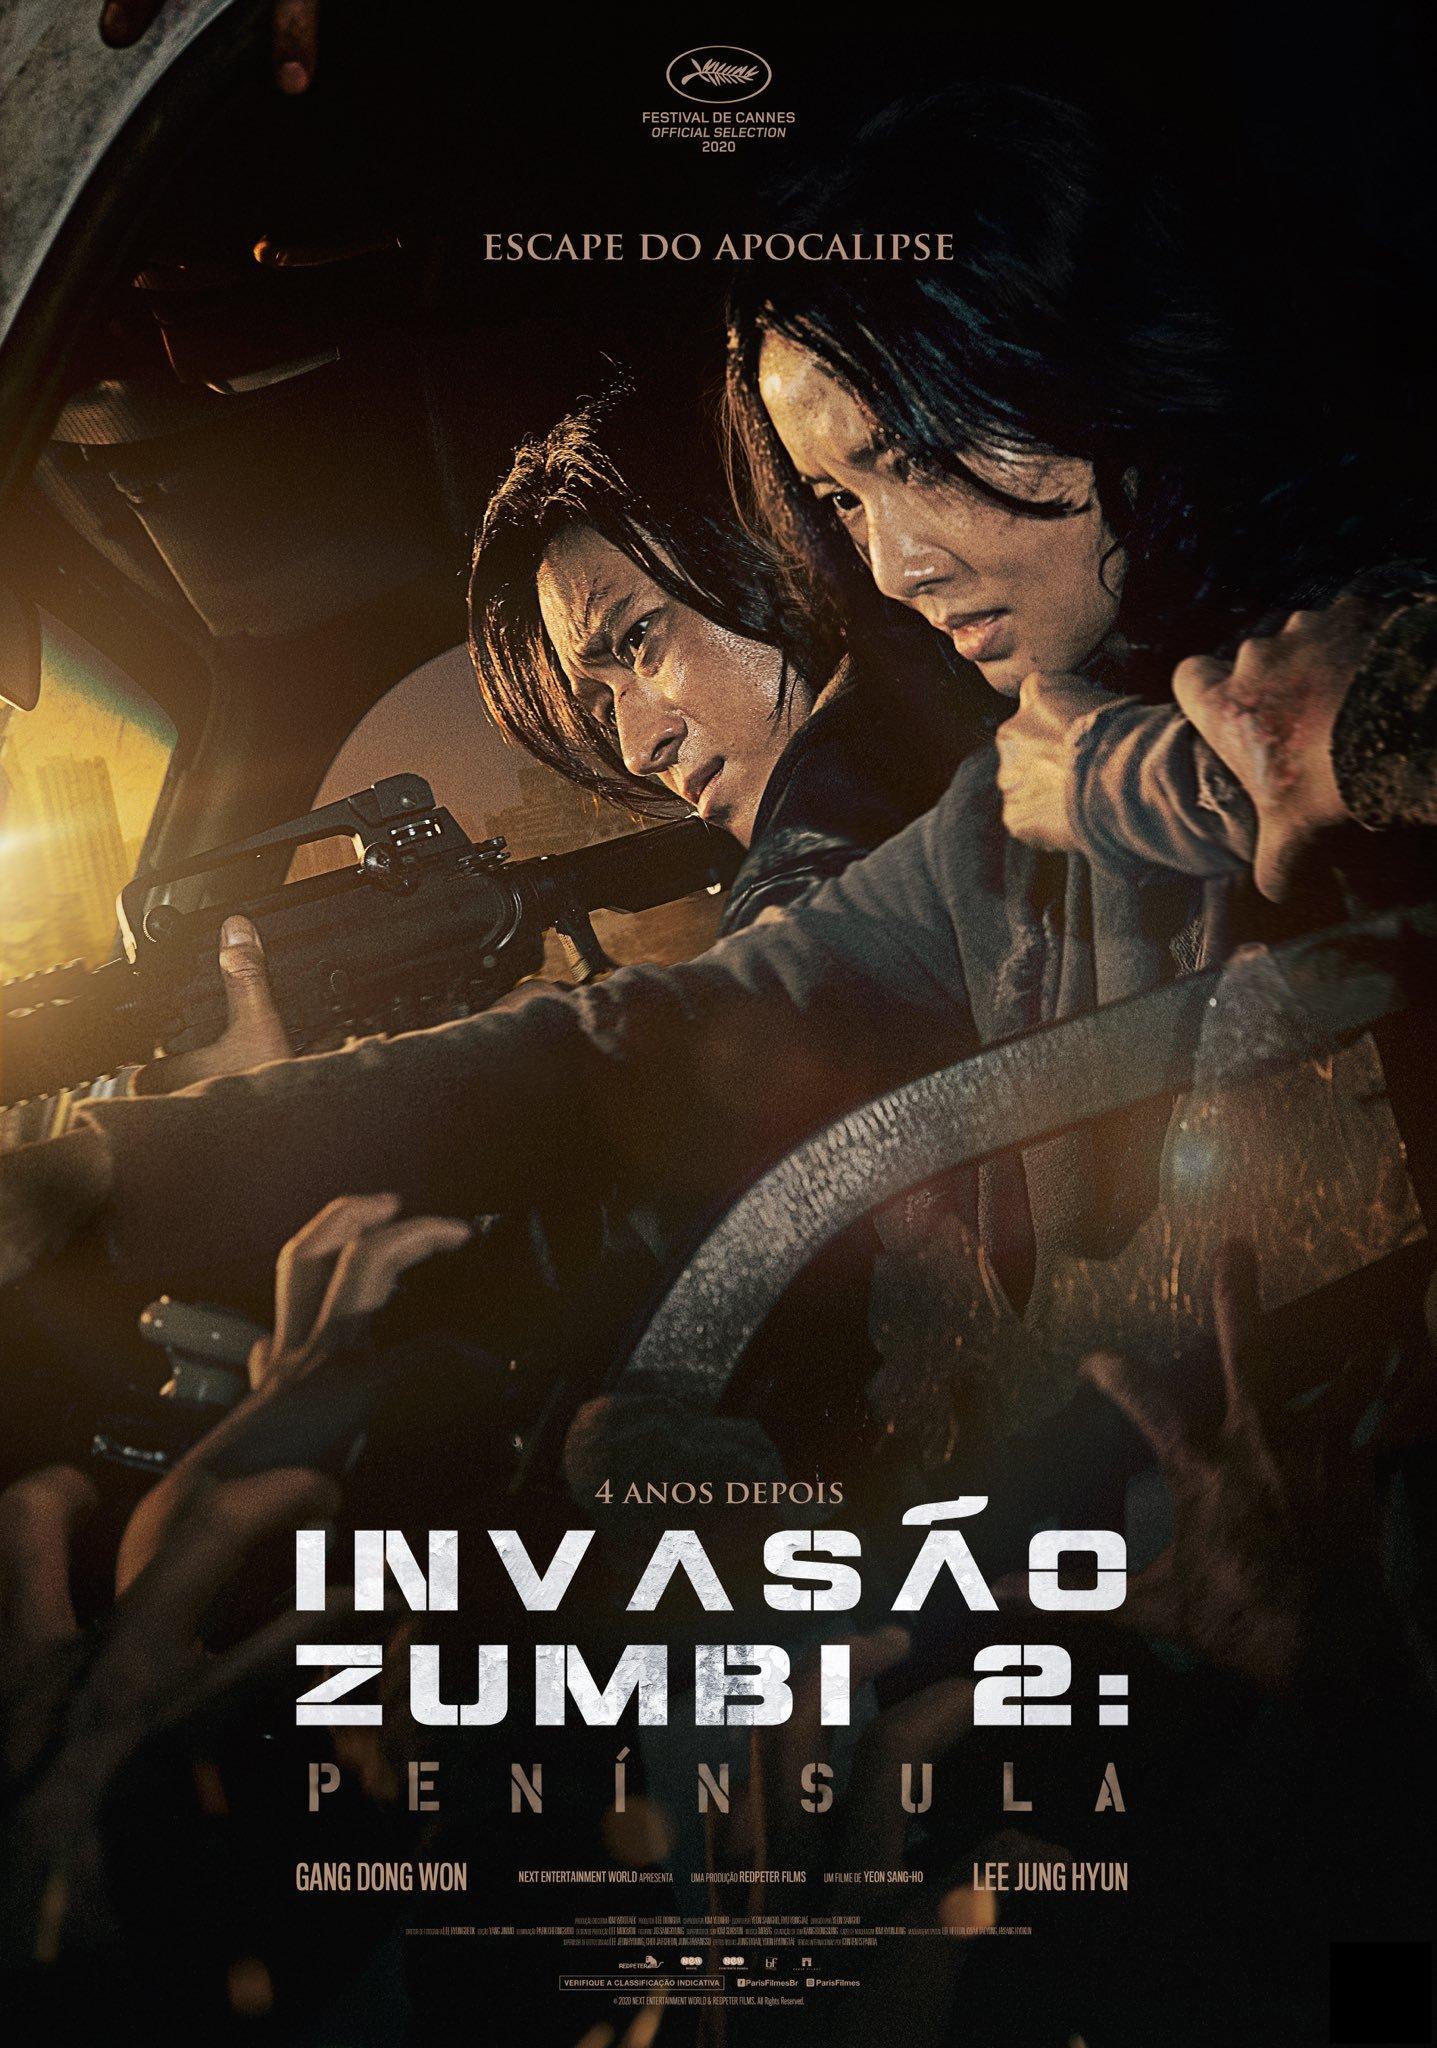 Invasão Zumbi 2: Península ganha dois novos pôsteres - NerdBunker